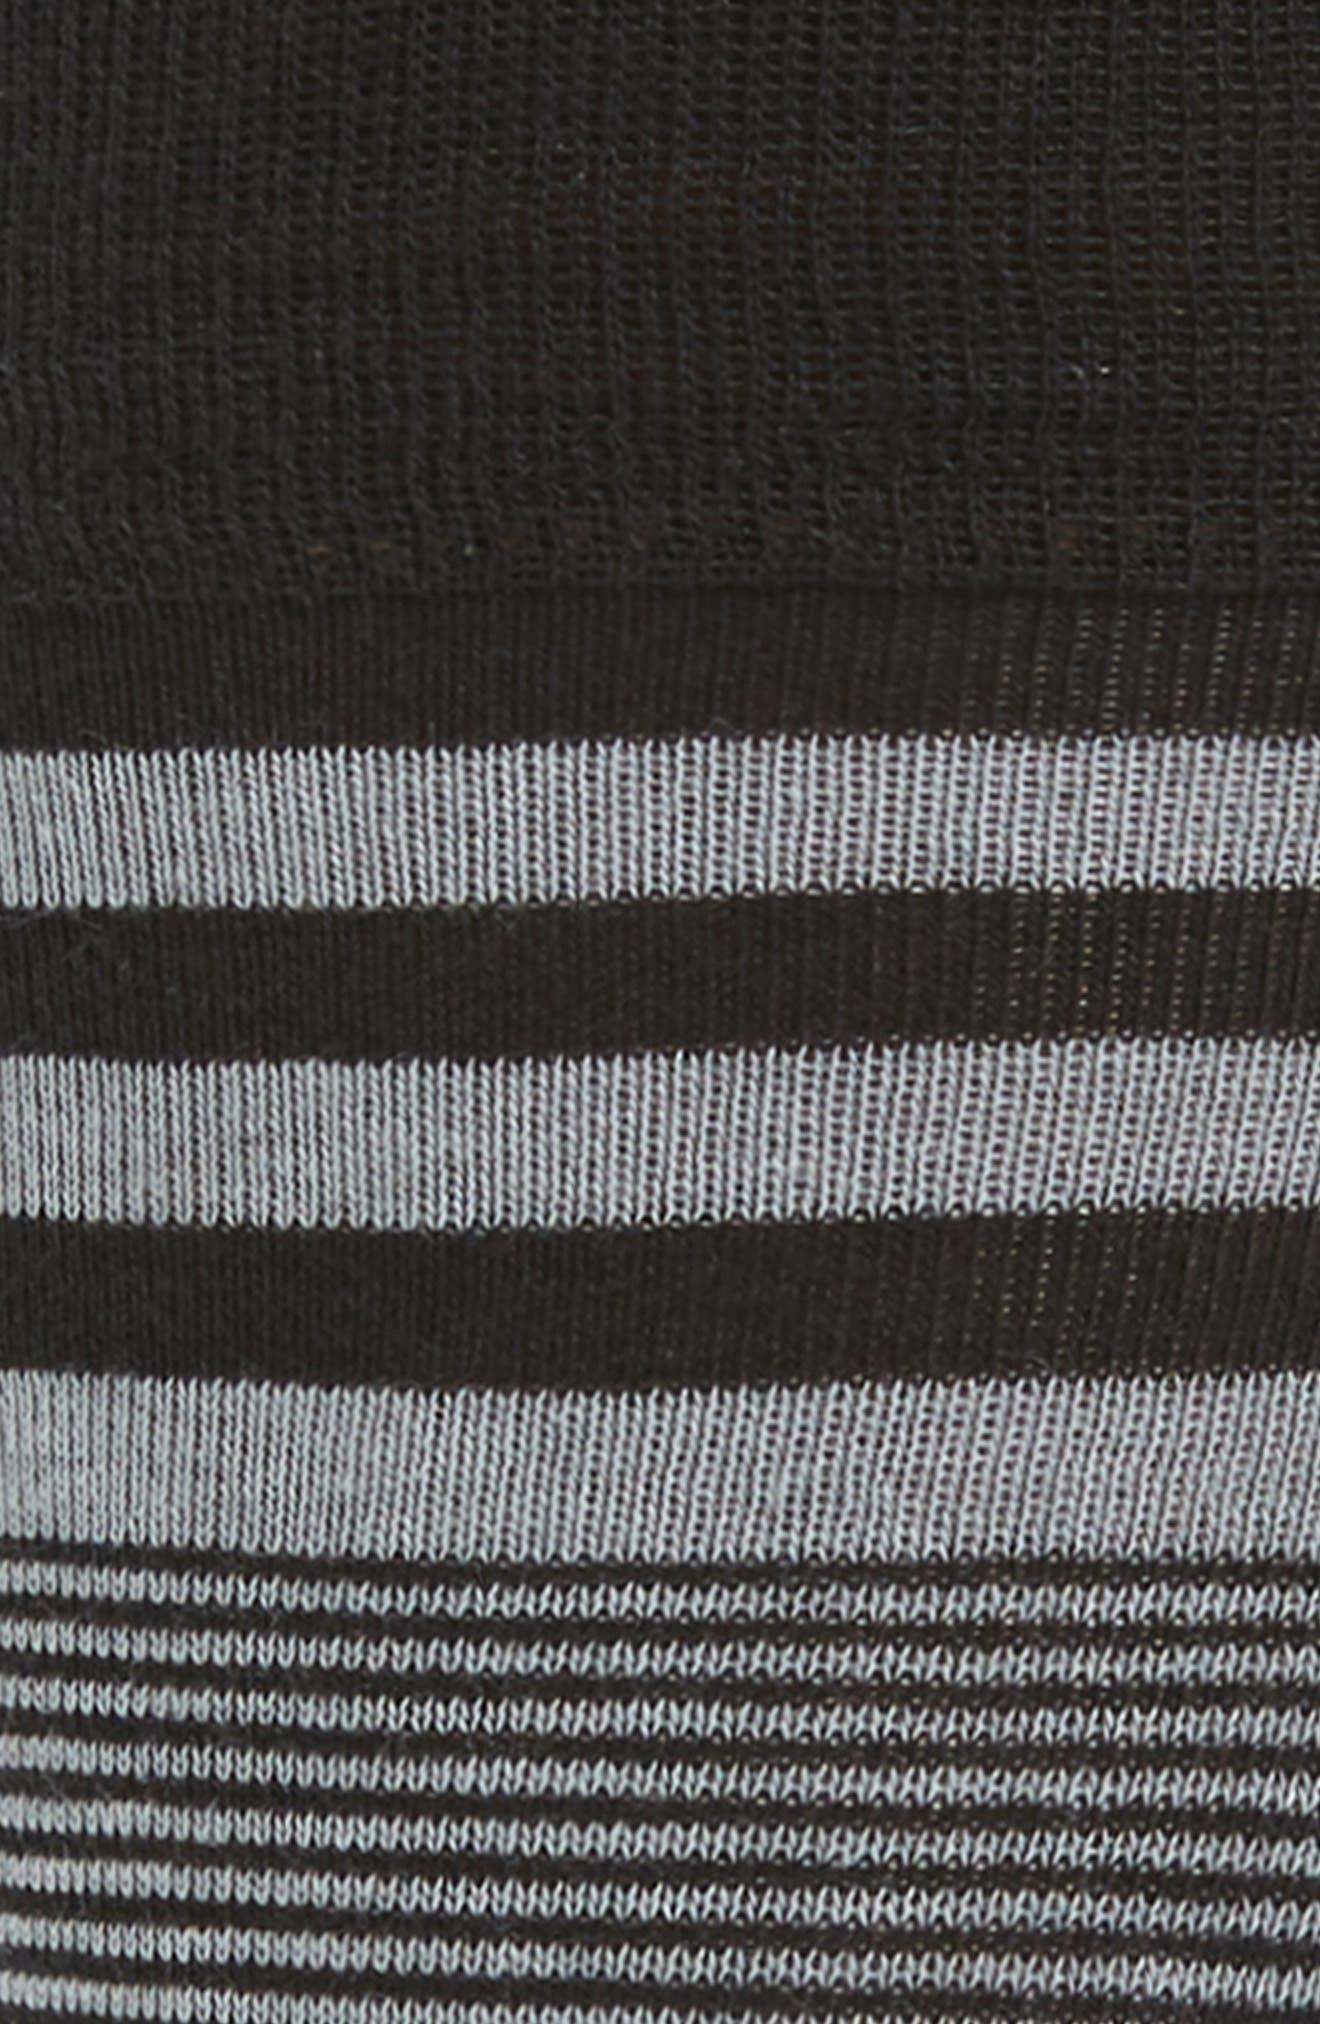 Skater Stripe Socks,                             Alternate thumbnail 2, color,                             Black